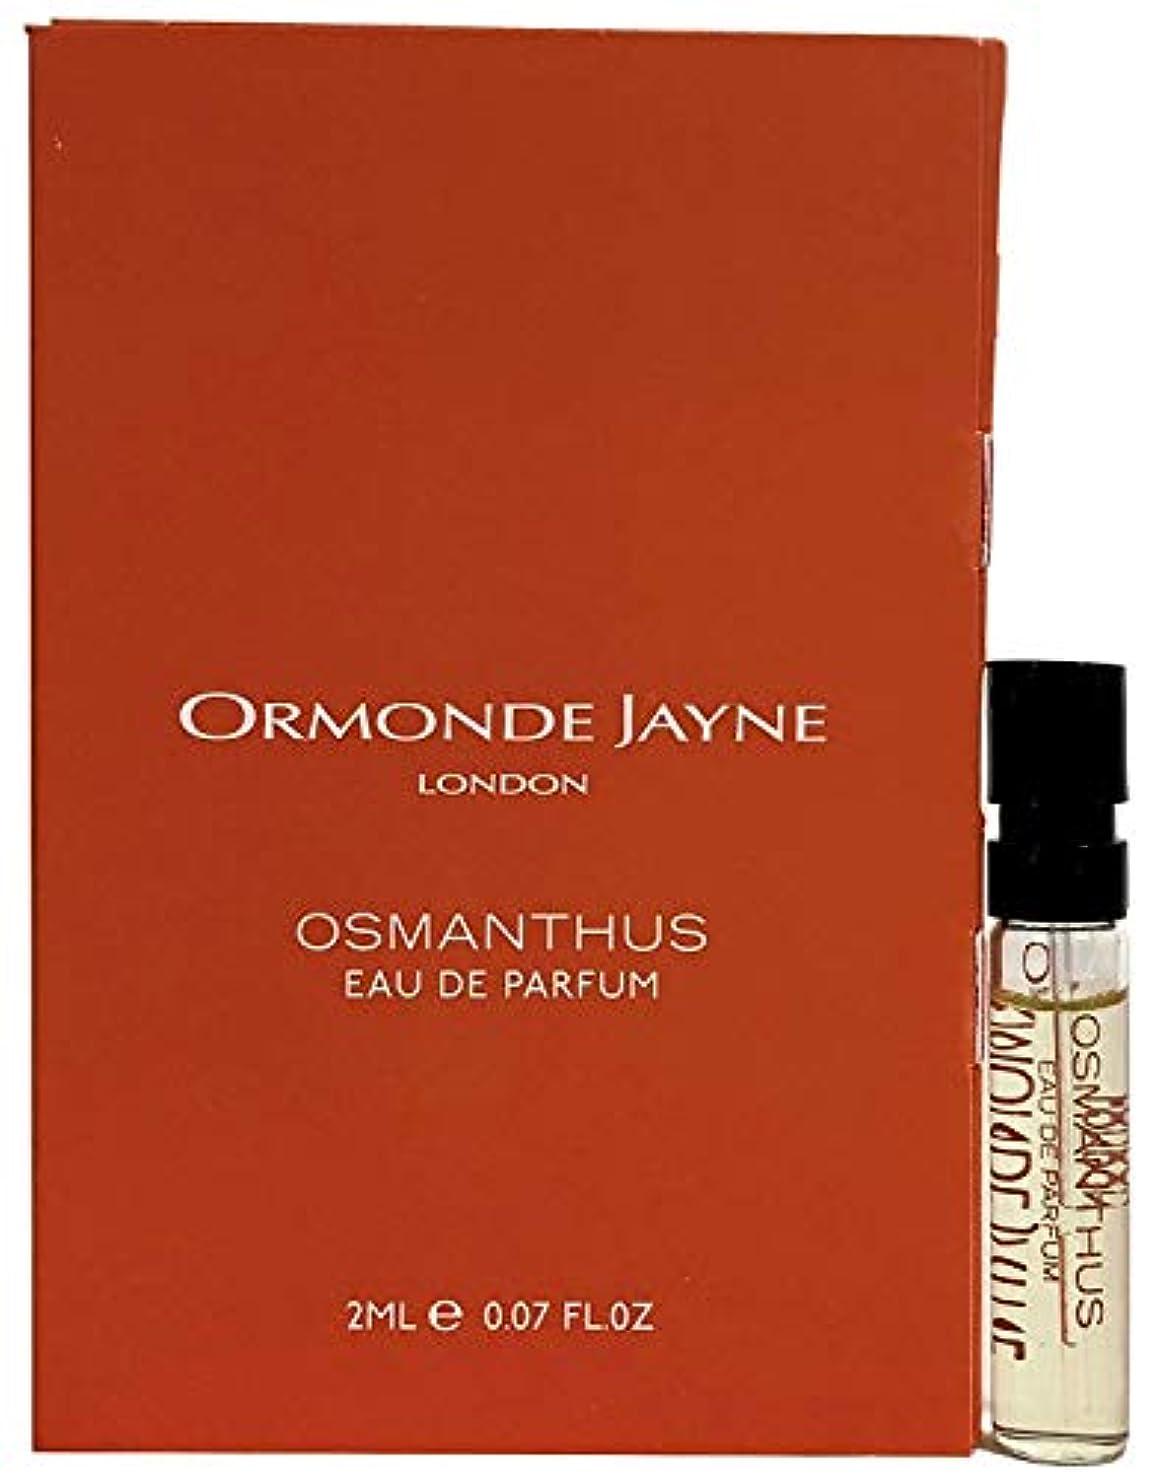 落ち着かない合わせて尊厳オーモンド ジェーン オスマンサス オードパルファン 2ml(Ormonde Jayne OSMANTHUS EDP Vial Sample 2ml)